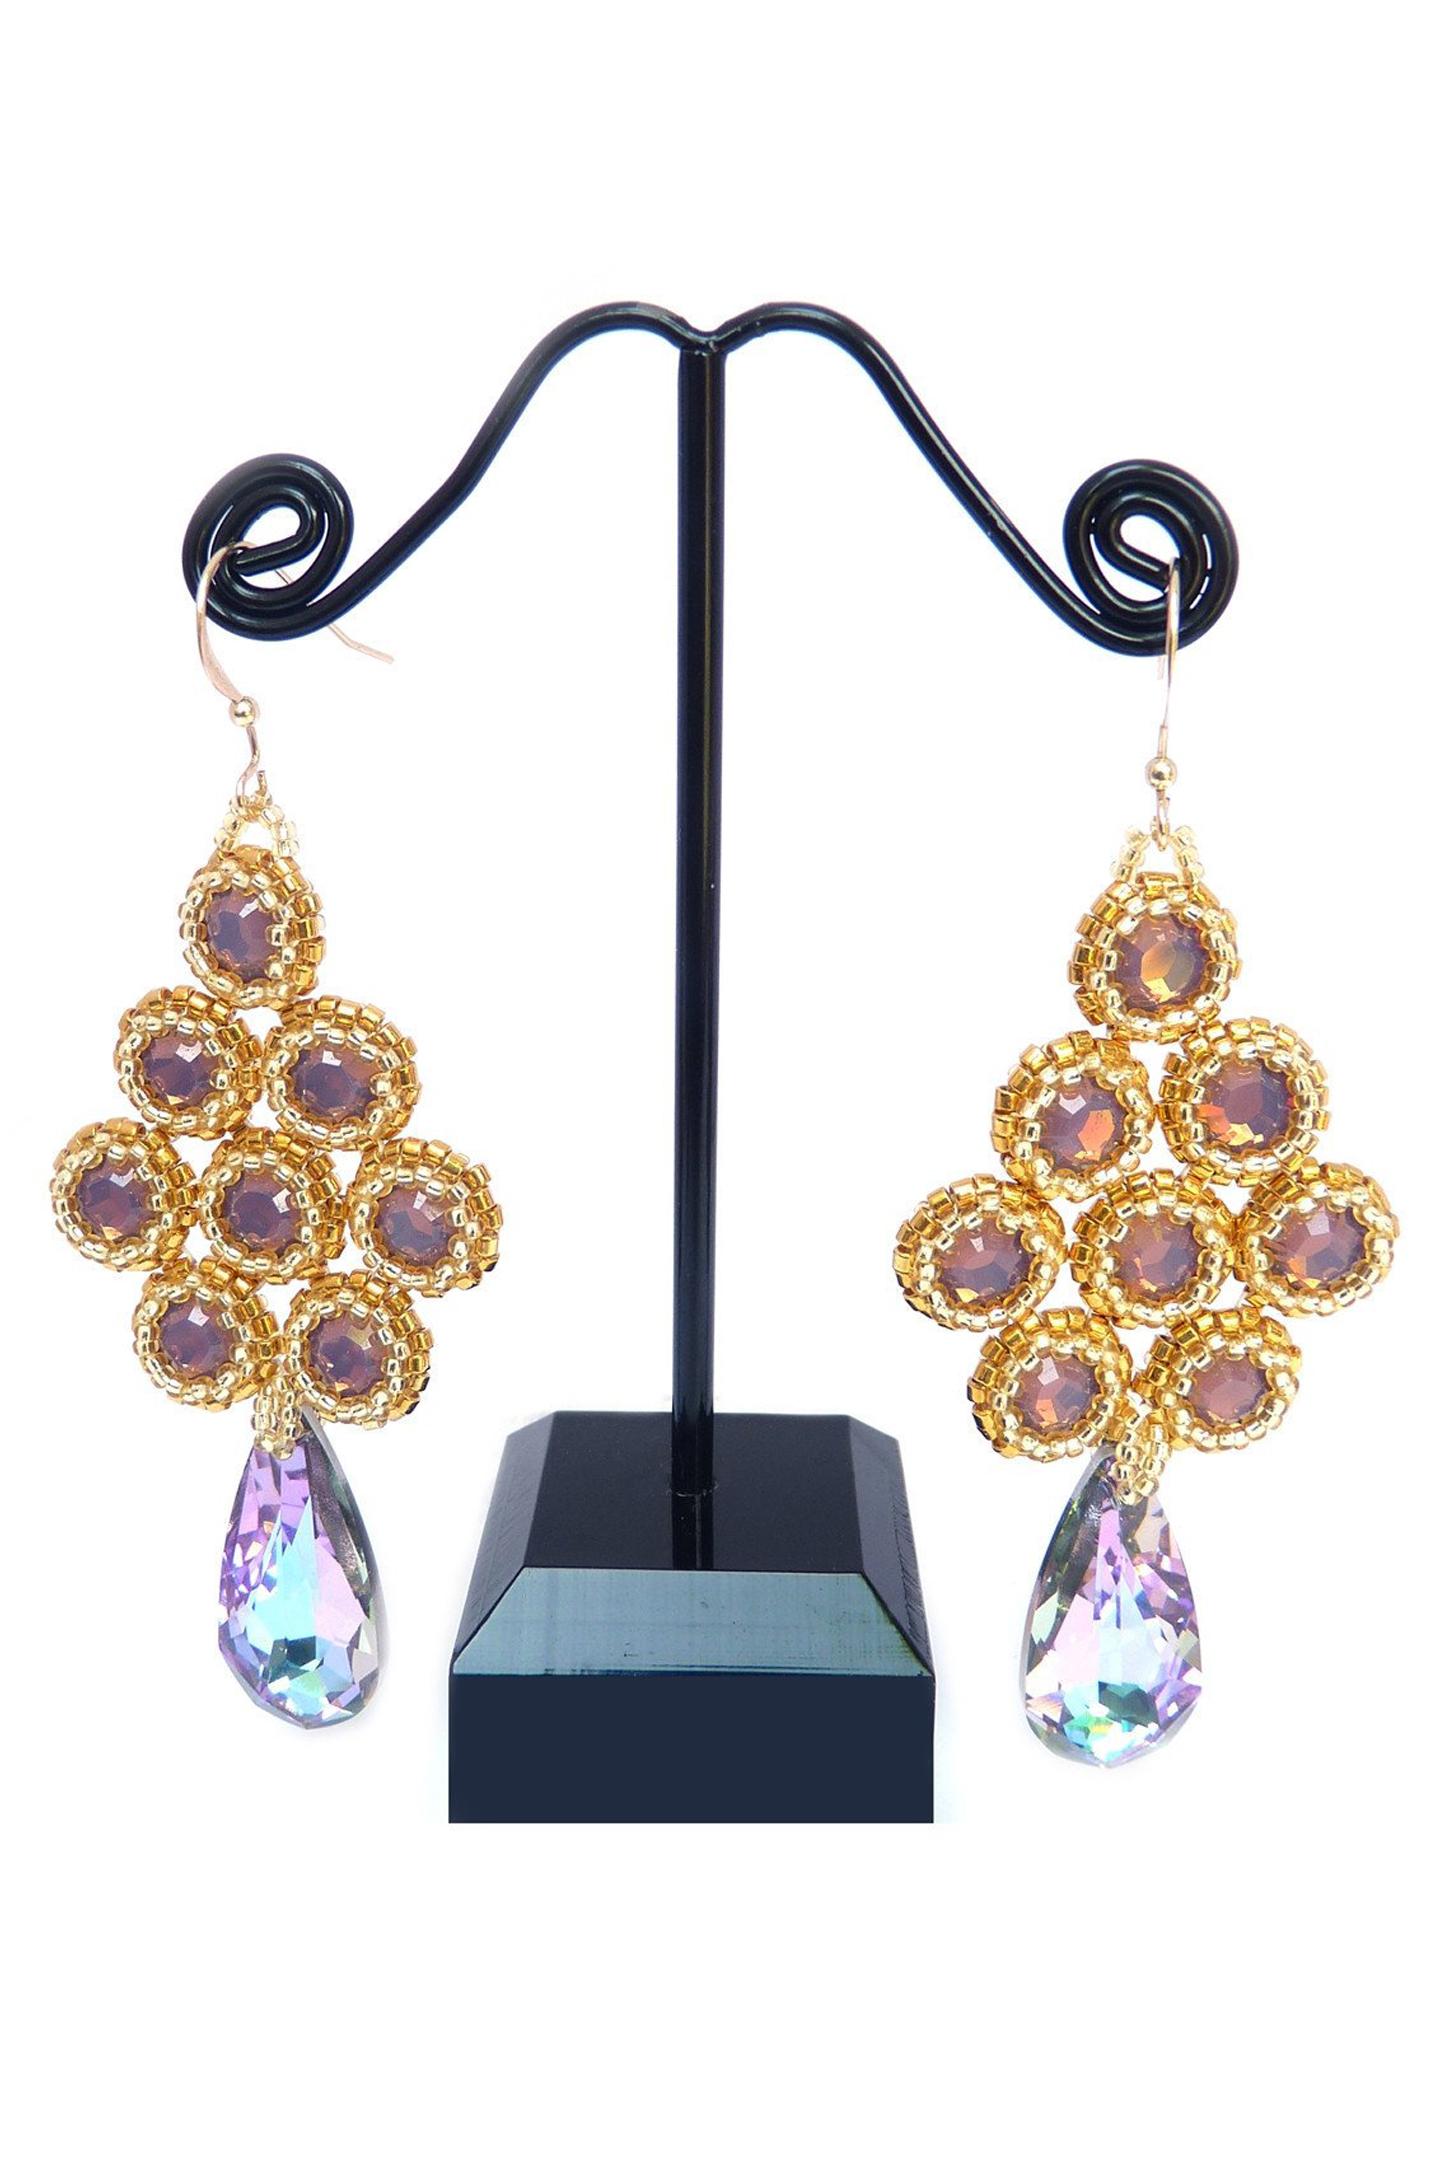 Bezels in Gold and Vitrail Cyclamen Opal Beaded Earrings